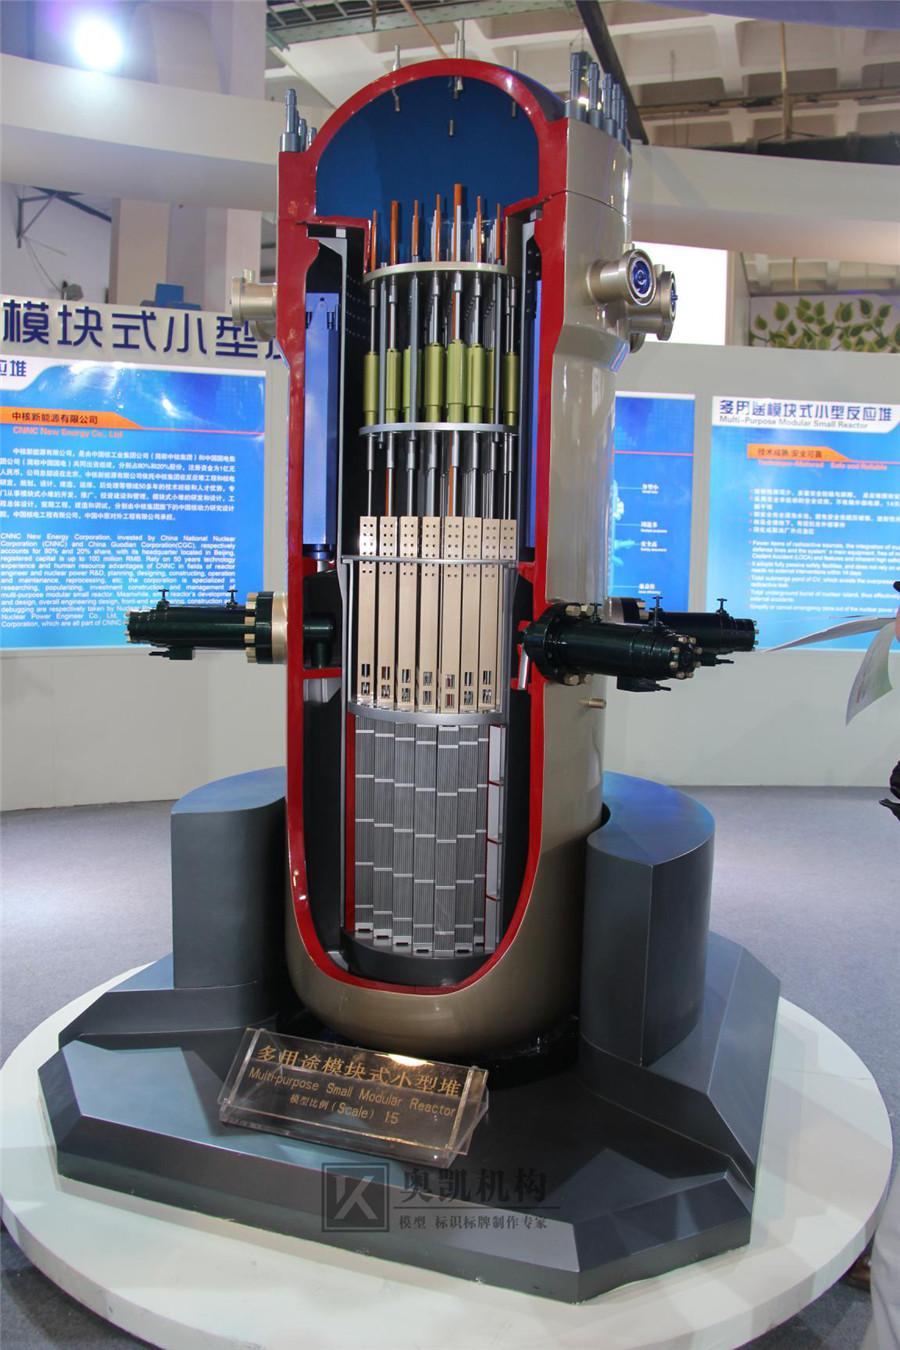 北京奥凯模型--核能馆展示模型